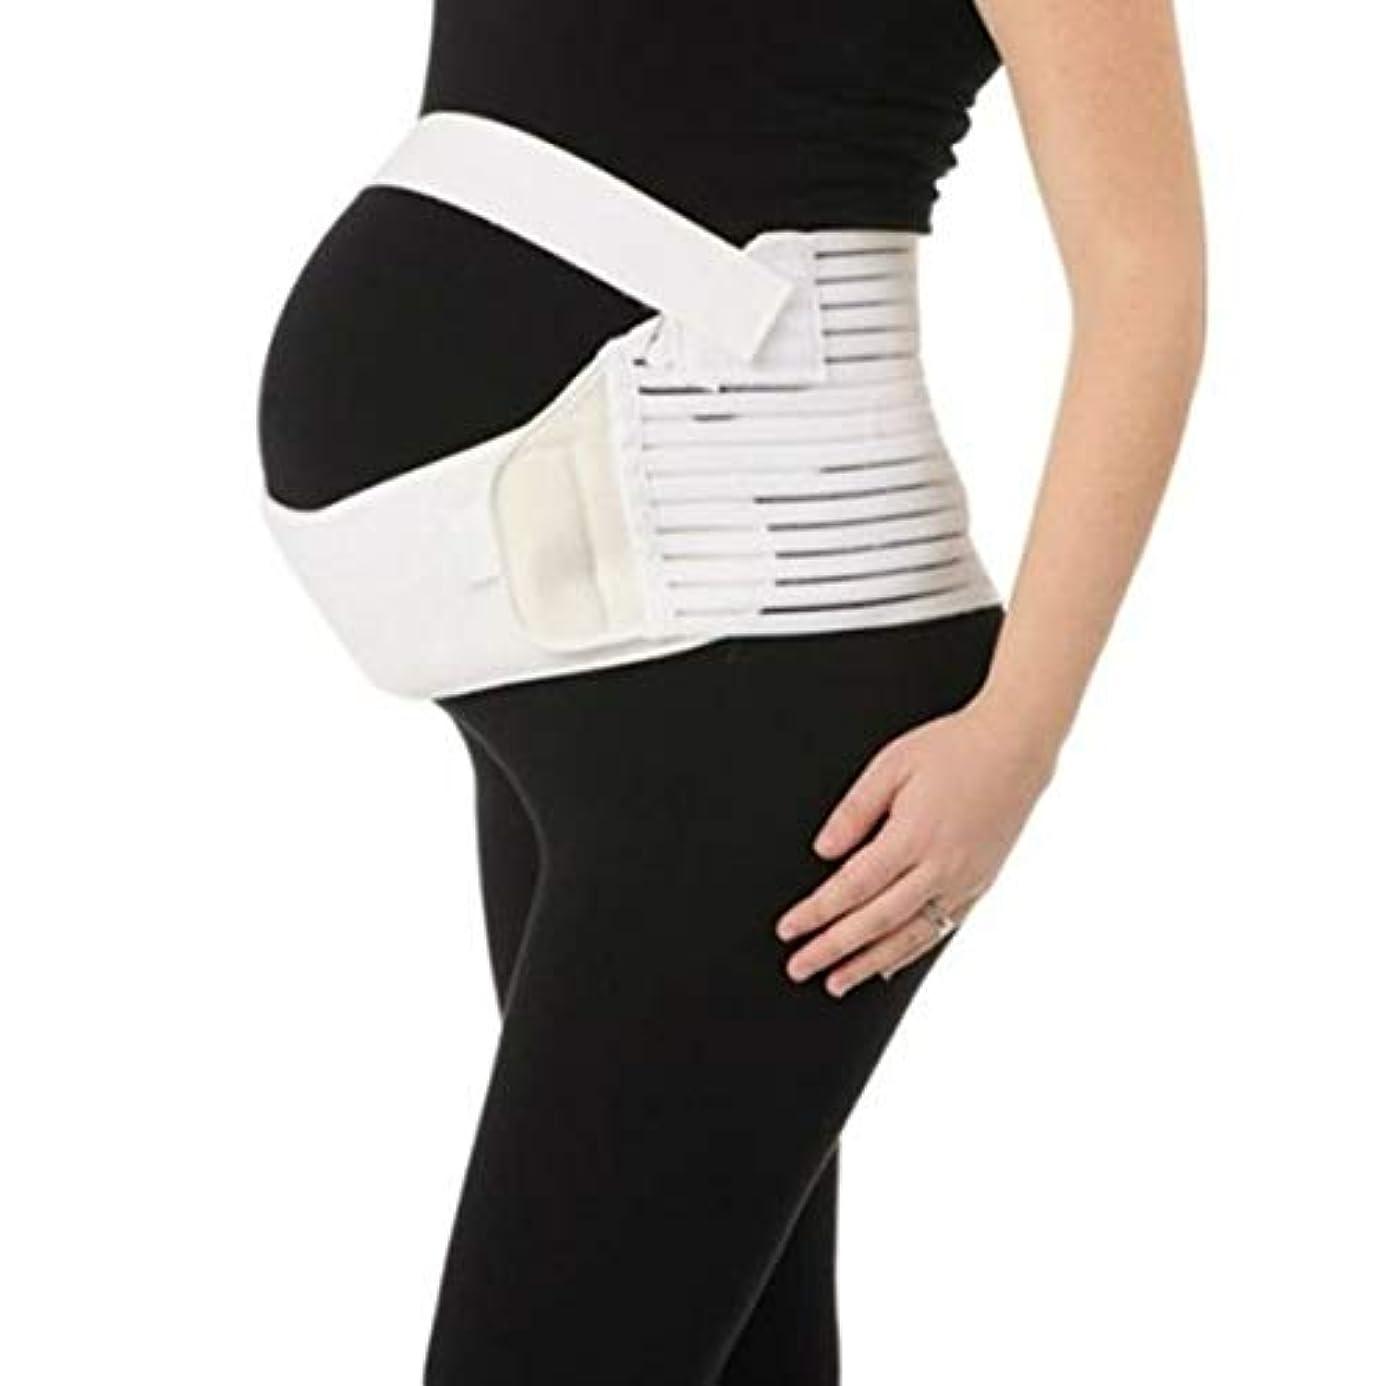 承認するふざけた慢な通気性産科ベルト妊娠腹部サポート腹部バインダーガードル運動包帯産後の回復形状ウェア - ホワイトM